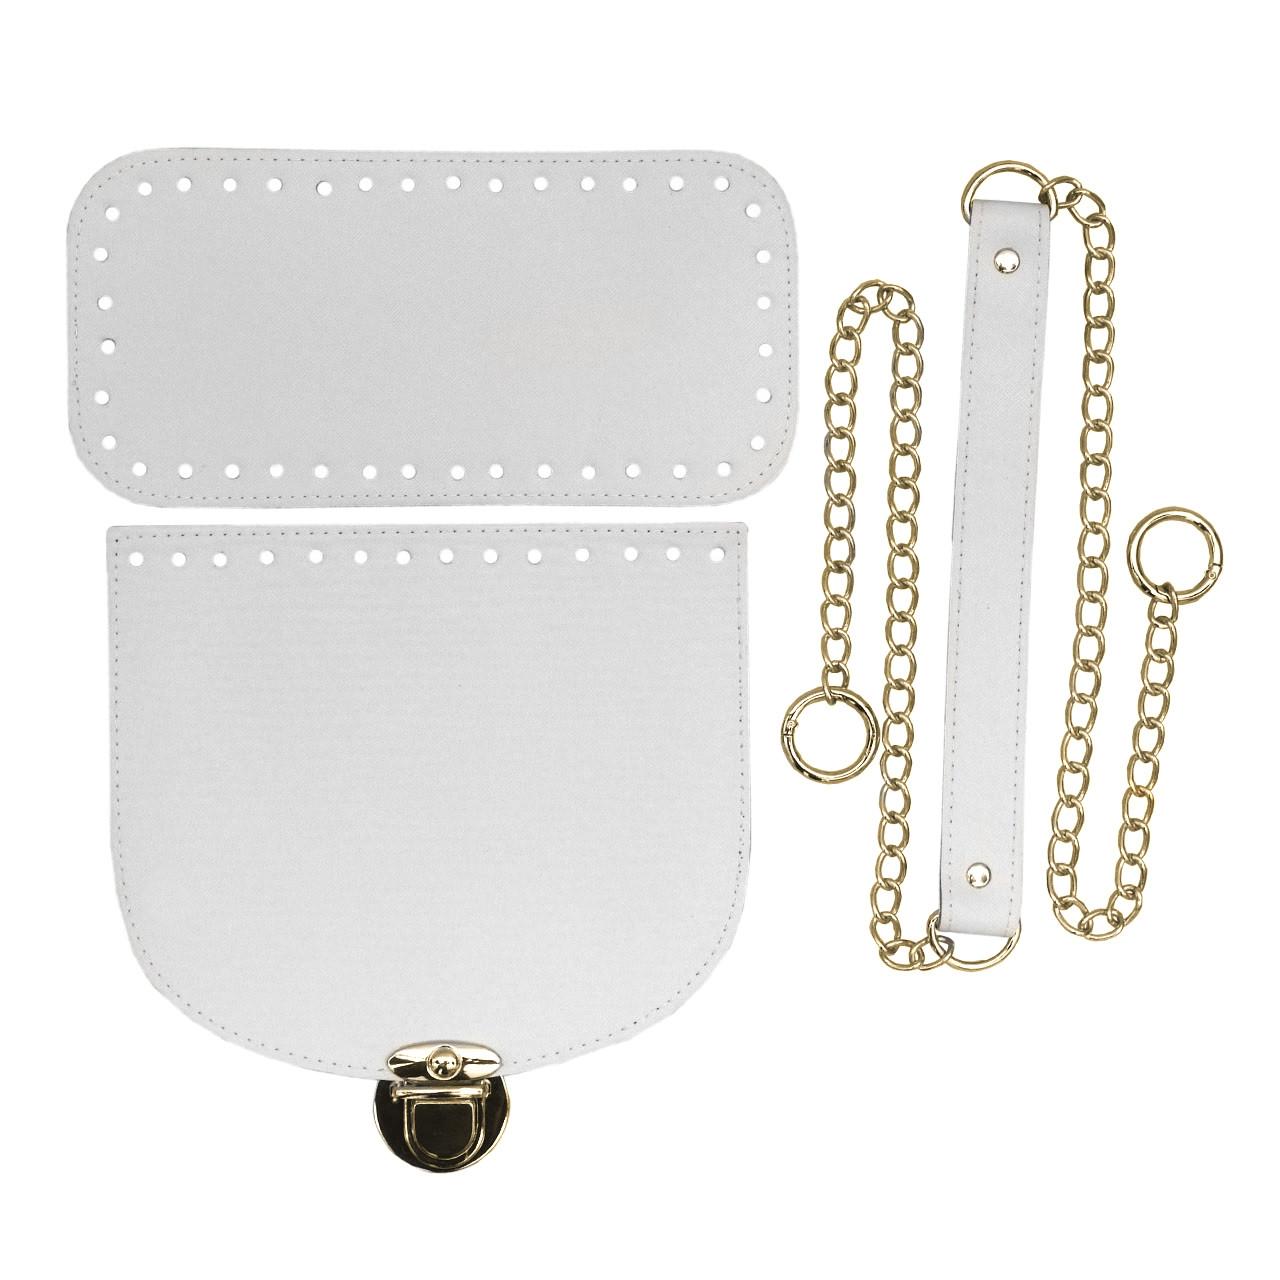 Набор для сумки экокожа Белый (4 позиции) на цепочке с кольцами-карабинами фурнитура золото